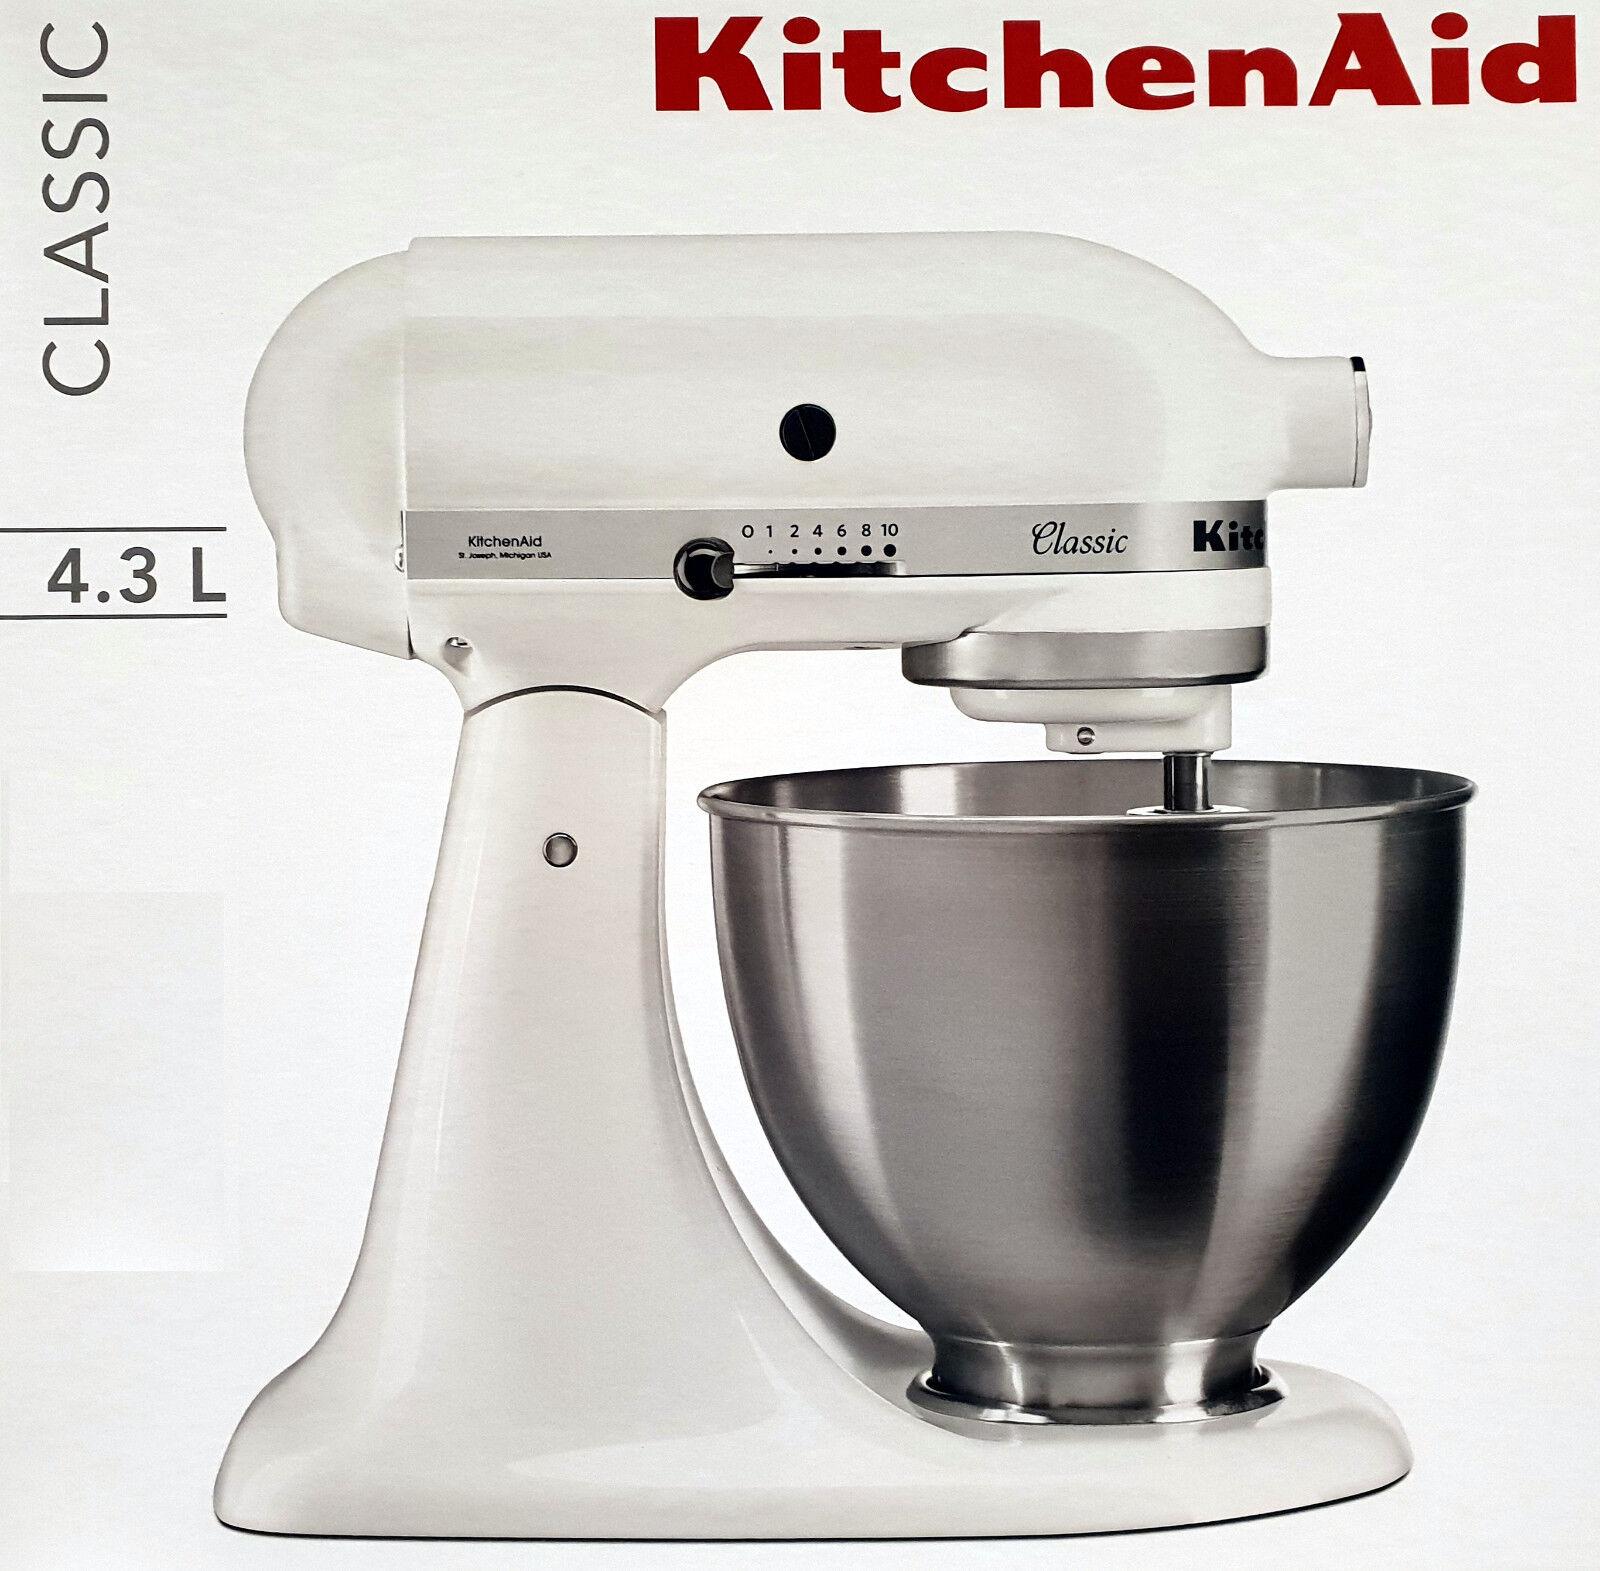 KitchenAid Küchenmaschine,Teig-Knetmaschine Classic 5K45SSEWH 4,3L, 275 W, Weiß